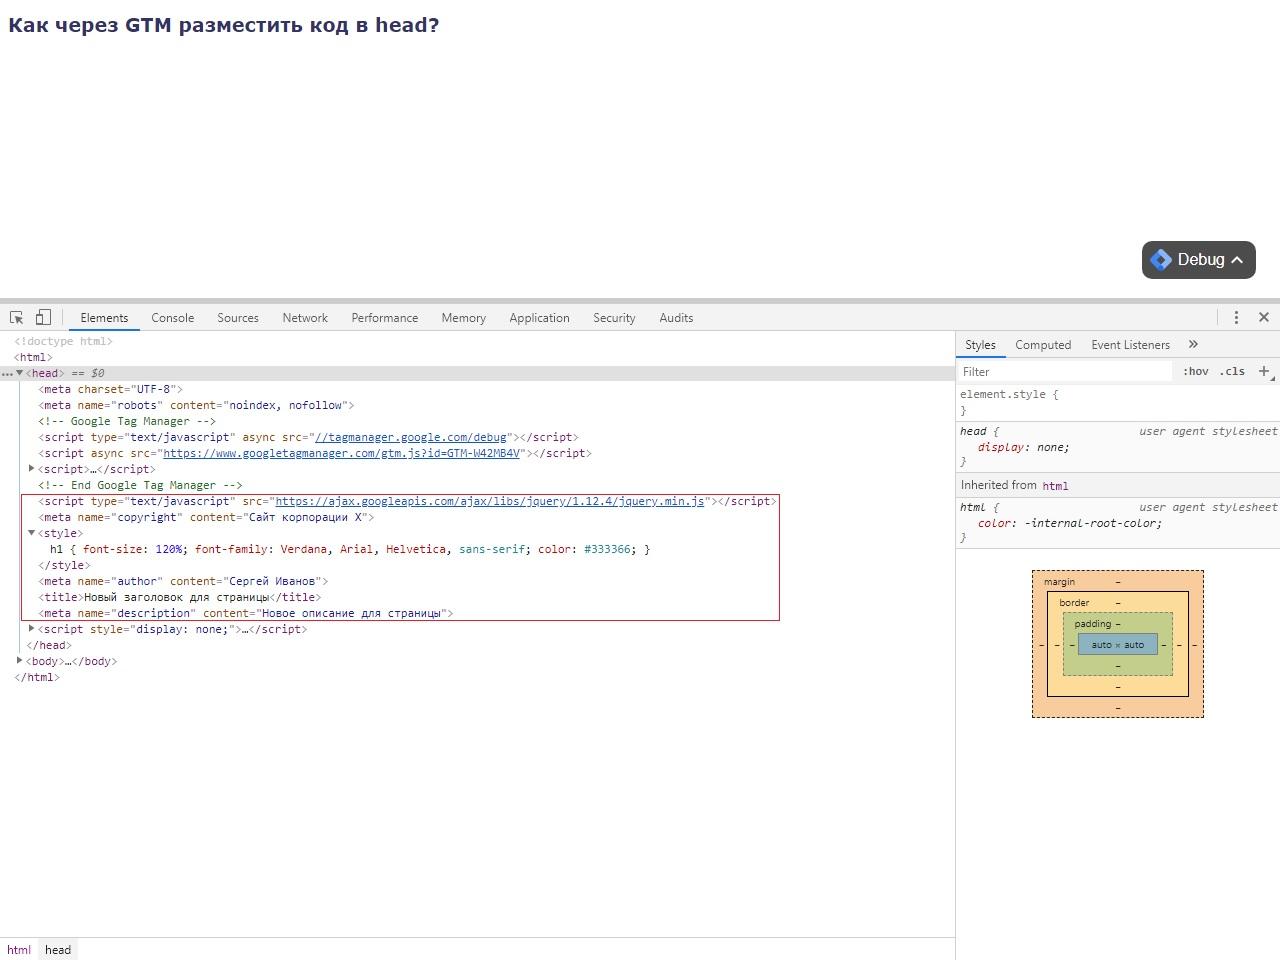 Проверка правильности отработки кода в head размещенного через GTM